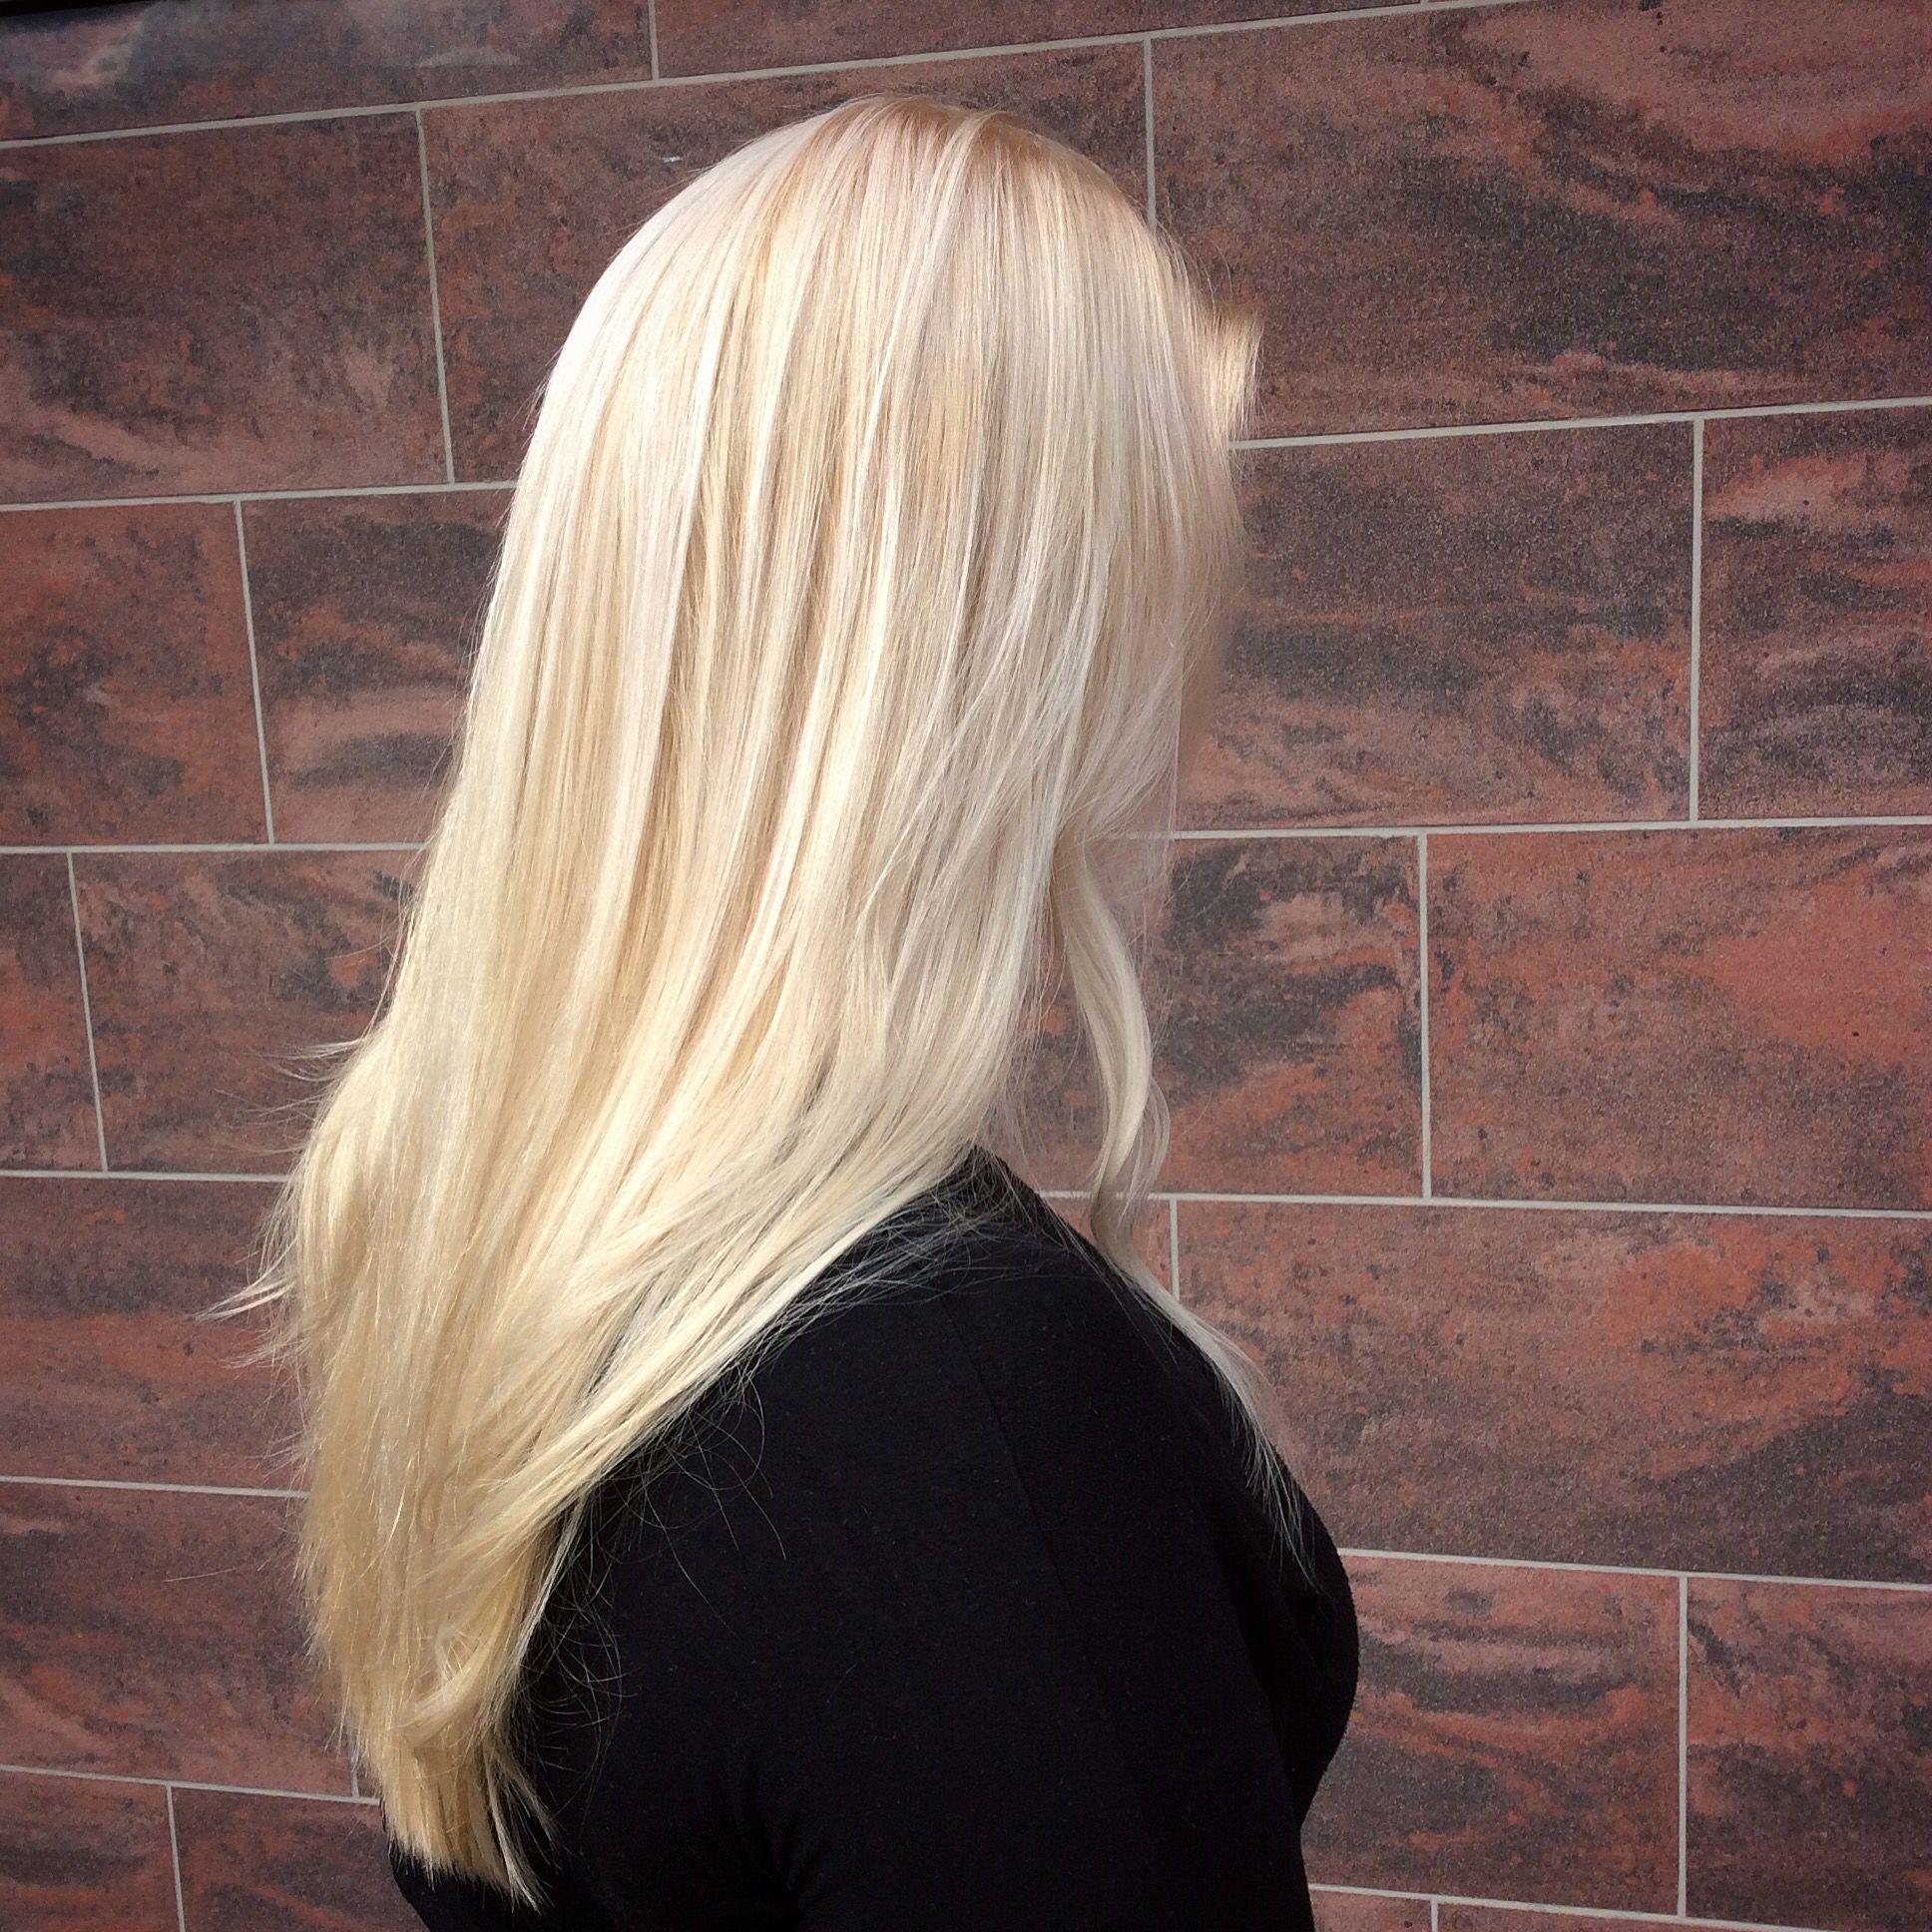 Long blond hair - pitkät vaaleat hiukset #blondhair #babylights #vaaleathiukset #olaplex